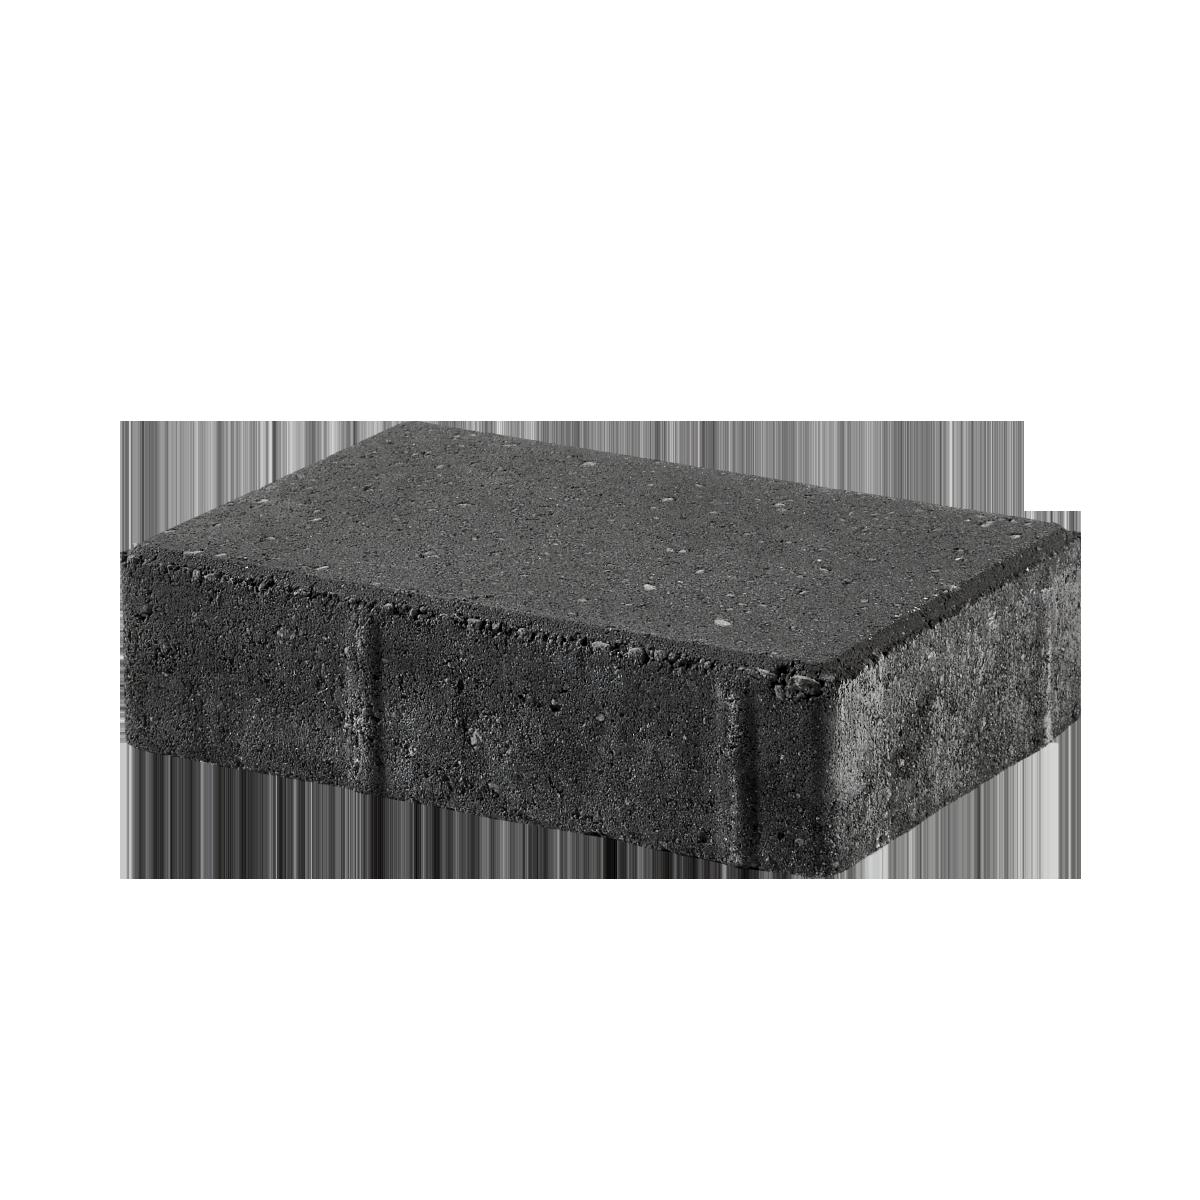 Bondesten 14x21x5 cm Sort/Antracit Normalsten